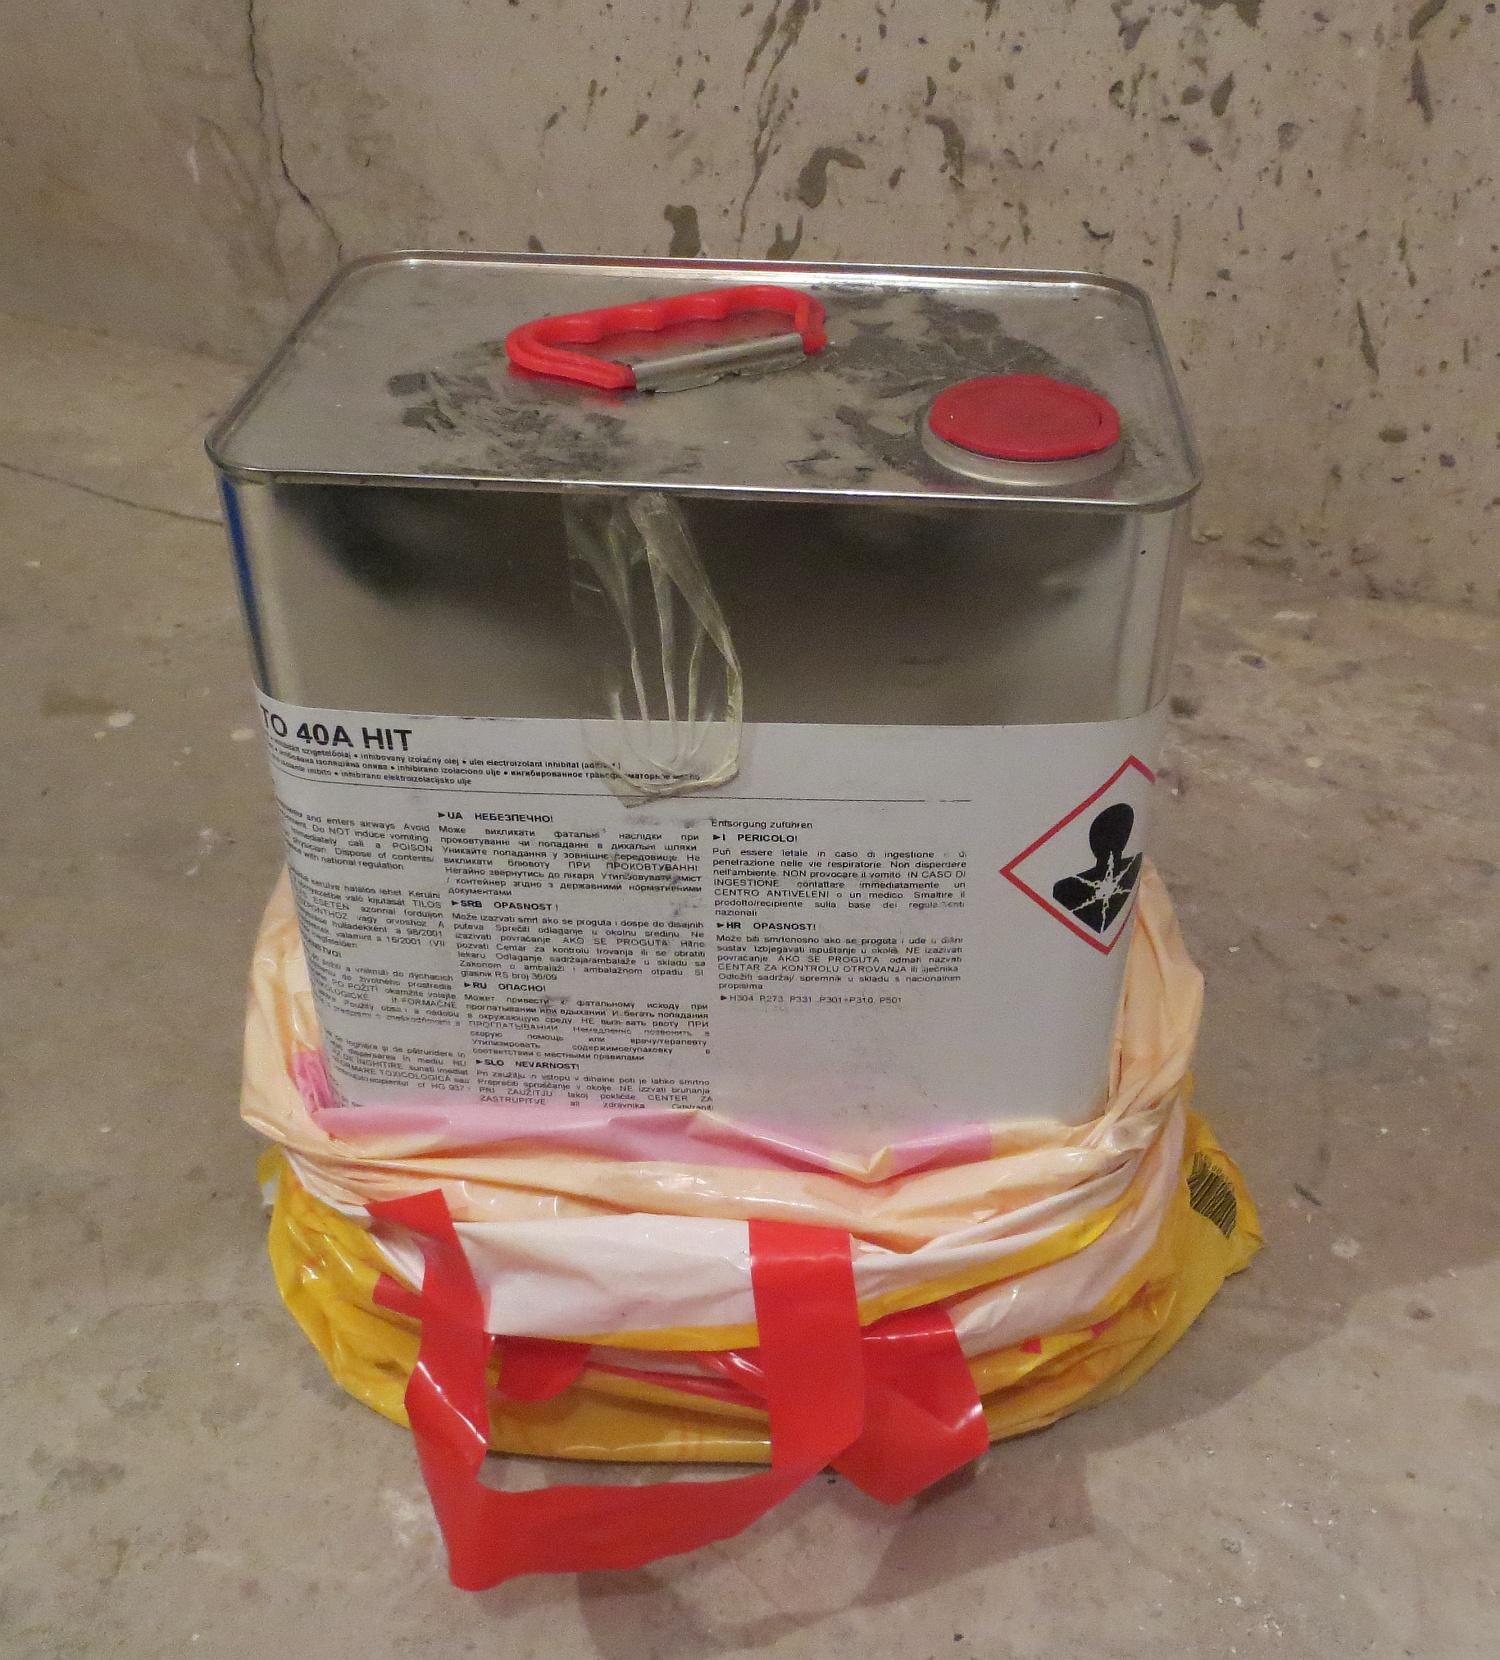 200 Kv Multiplier Bogin Jr Voltage Circuit On Dc High Oil